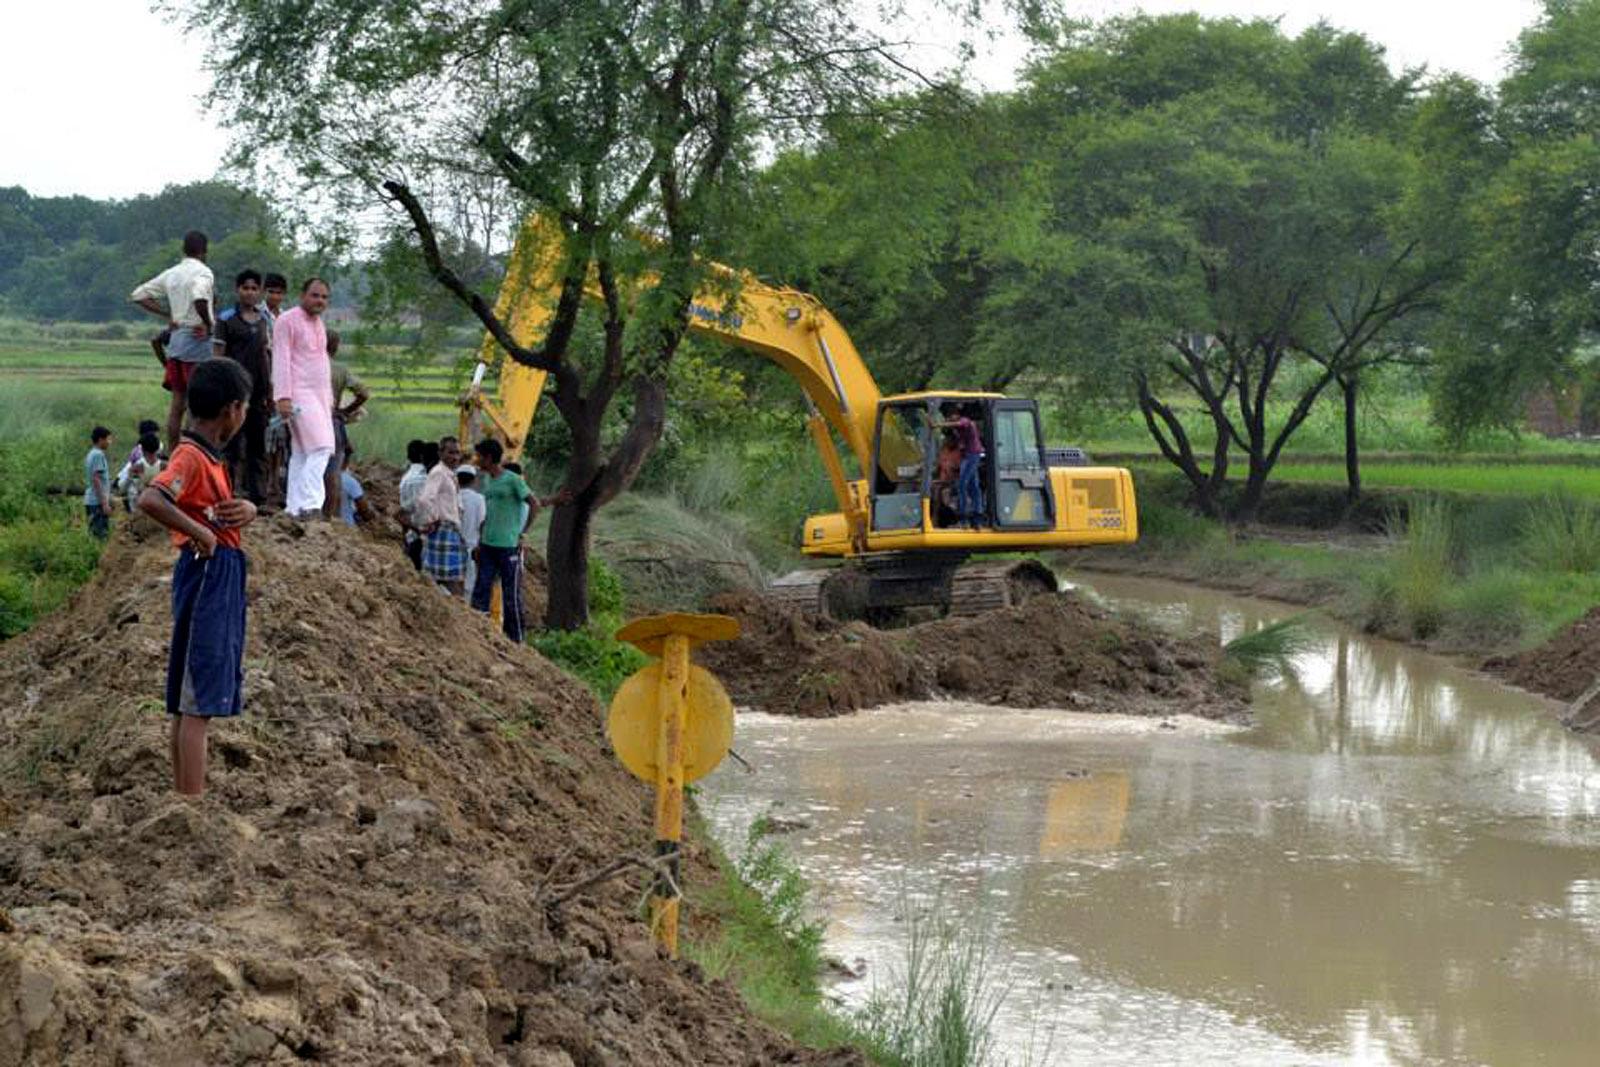 बकुलाही नदी को जेसीबी मशीन द्वारा साफ किया गया